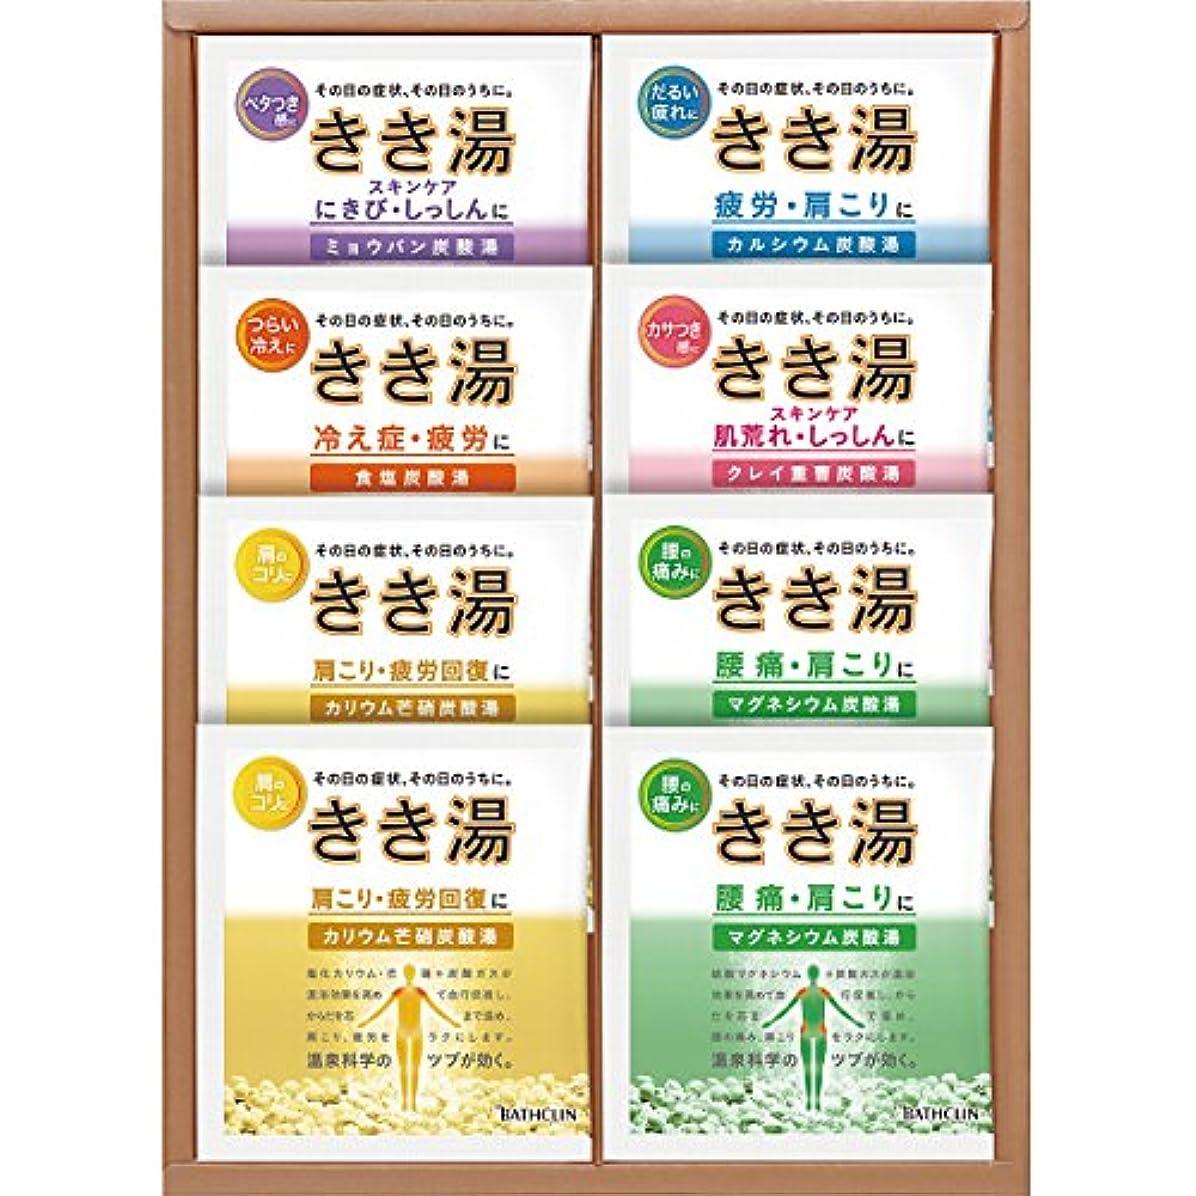 レシピあいにく宿命【ギフトセット】 きき湯オリジナルギフトセット KKY-10C